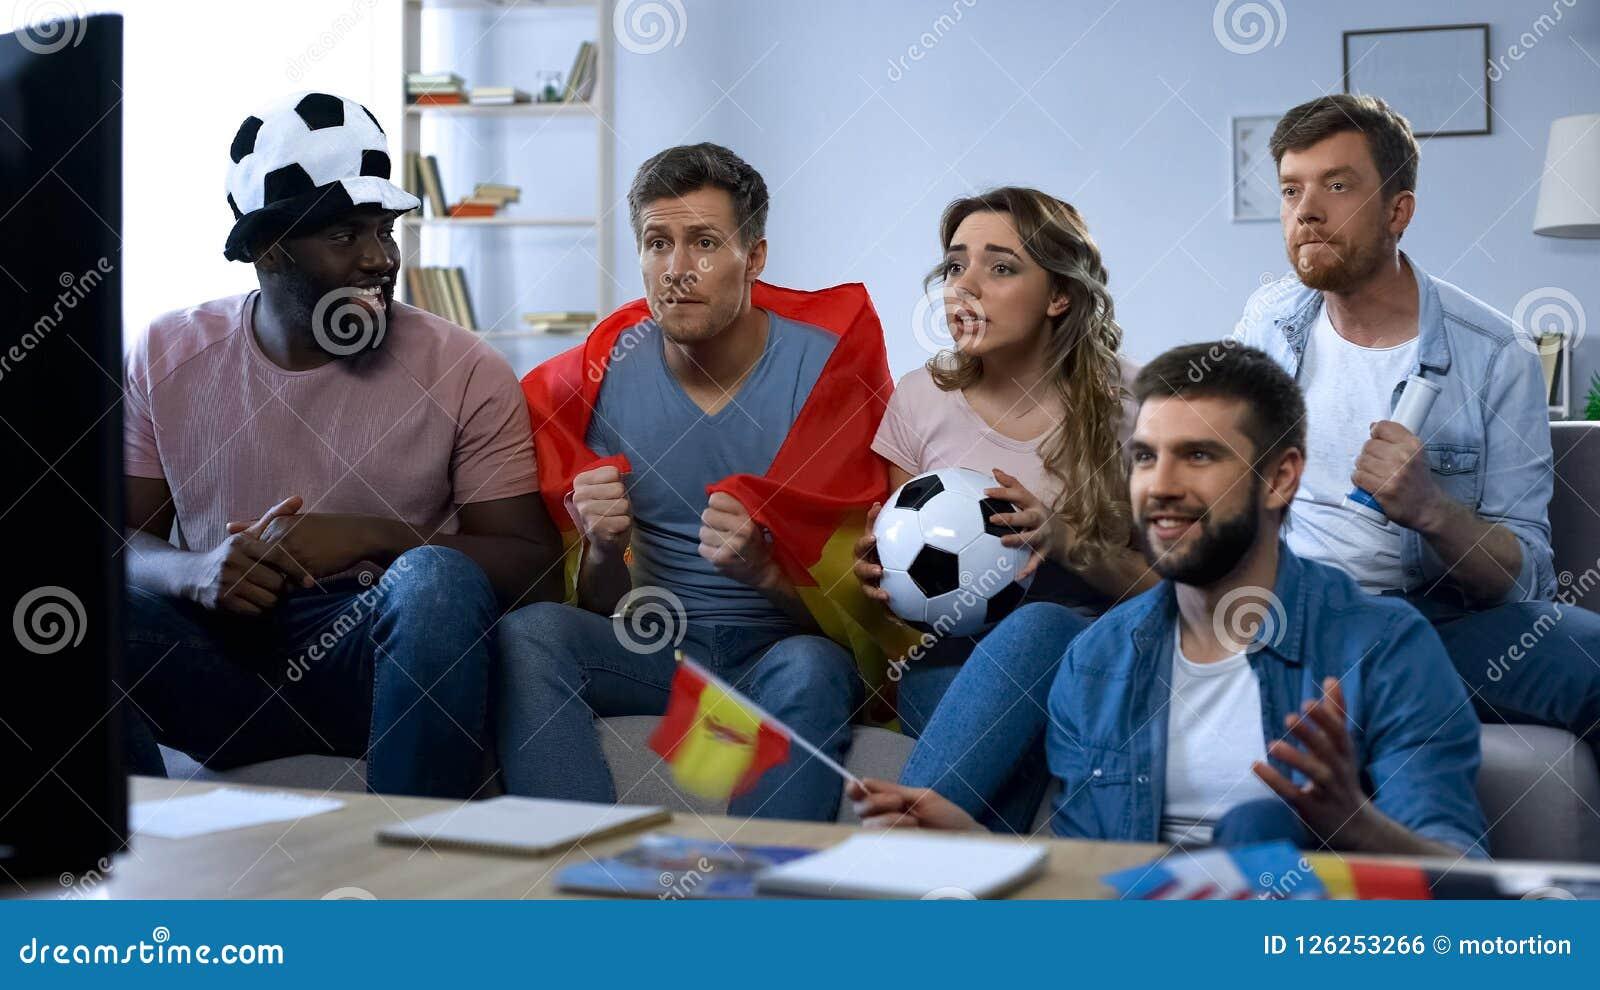 Partido de observación de los amigos españoles en la TV en casa, apoyando al equipo, unidad